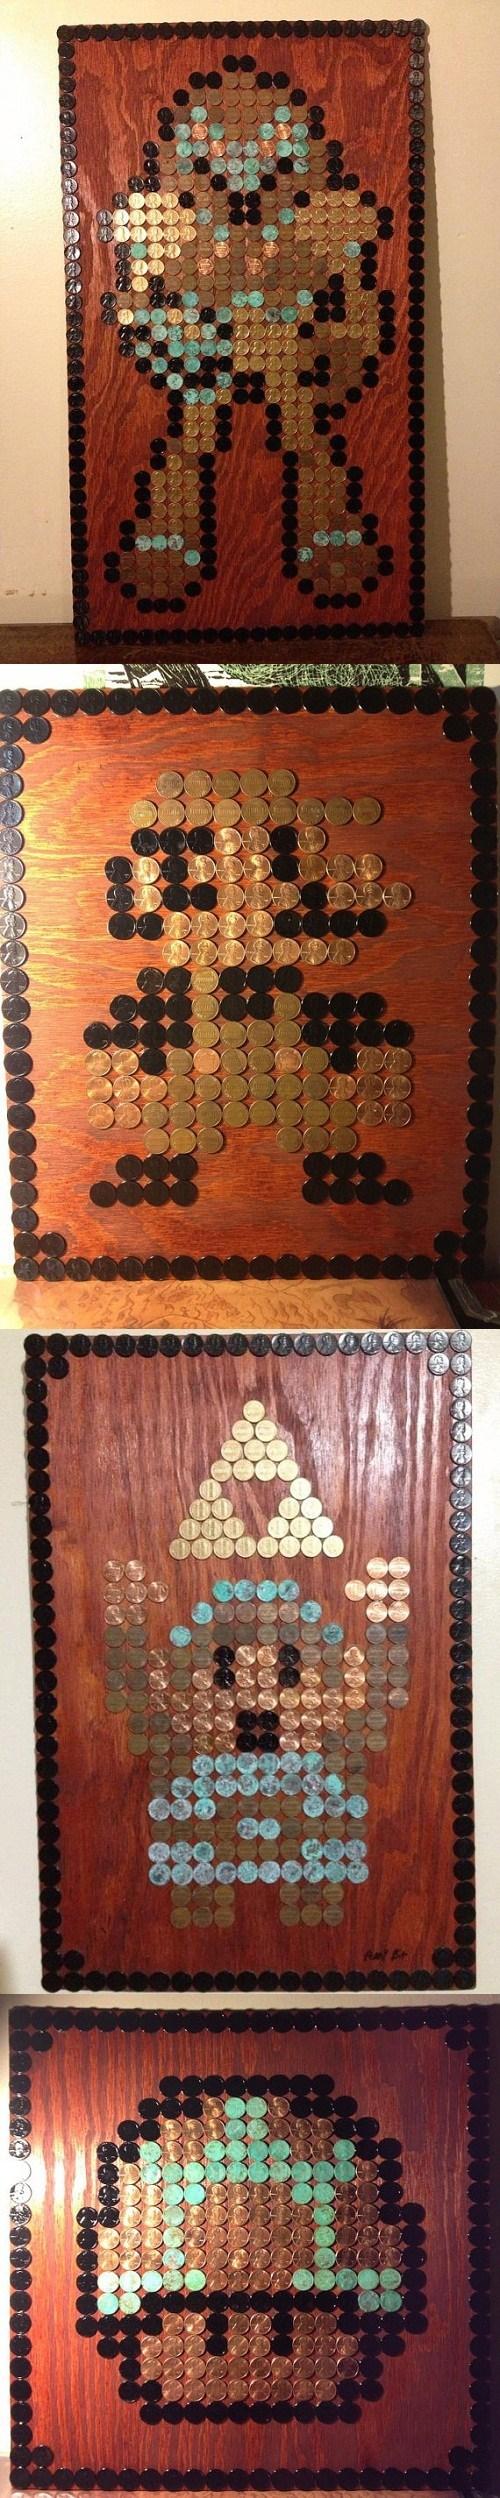 8-bit art pennies 8 bit - 7380820224